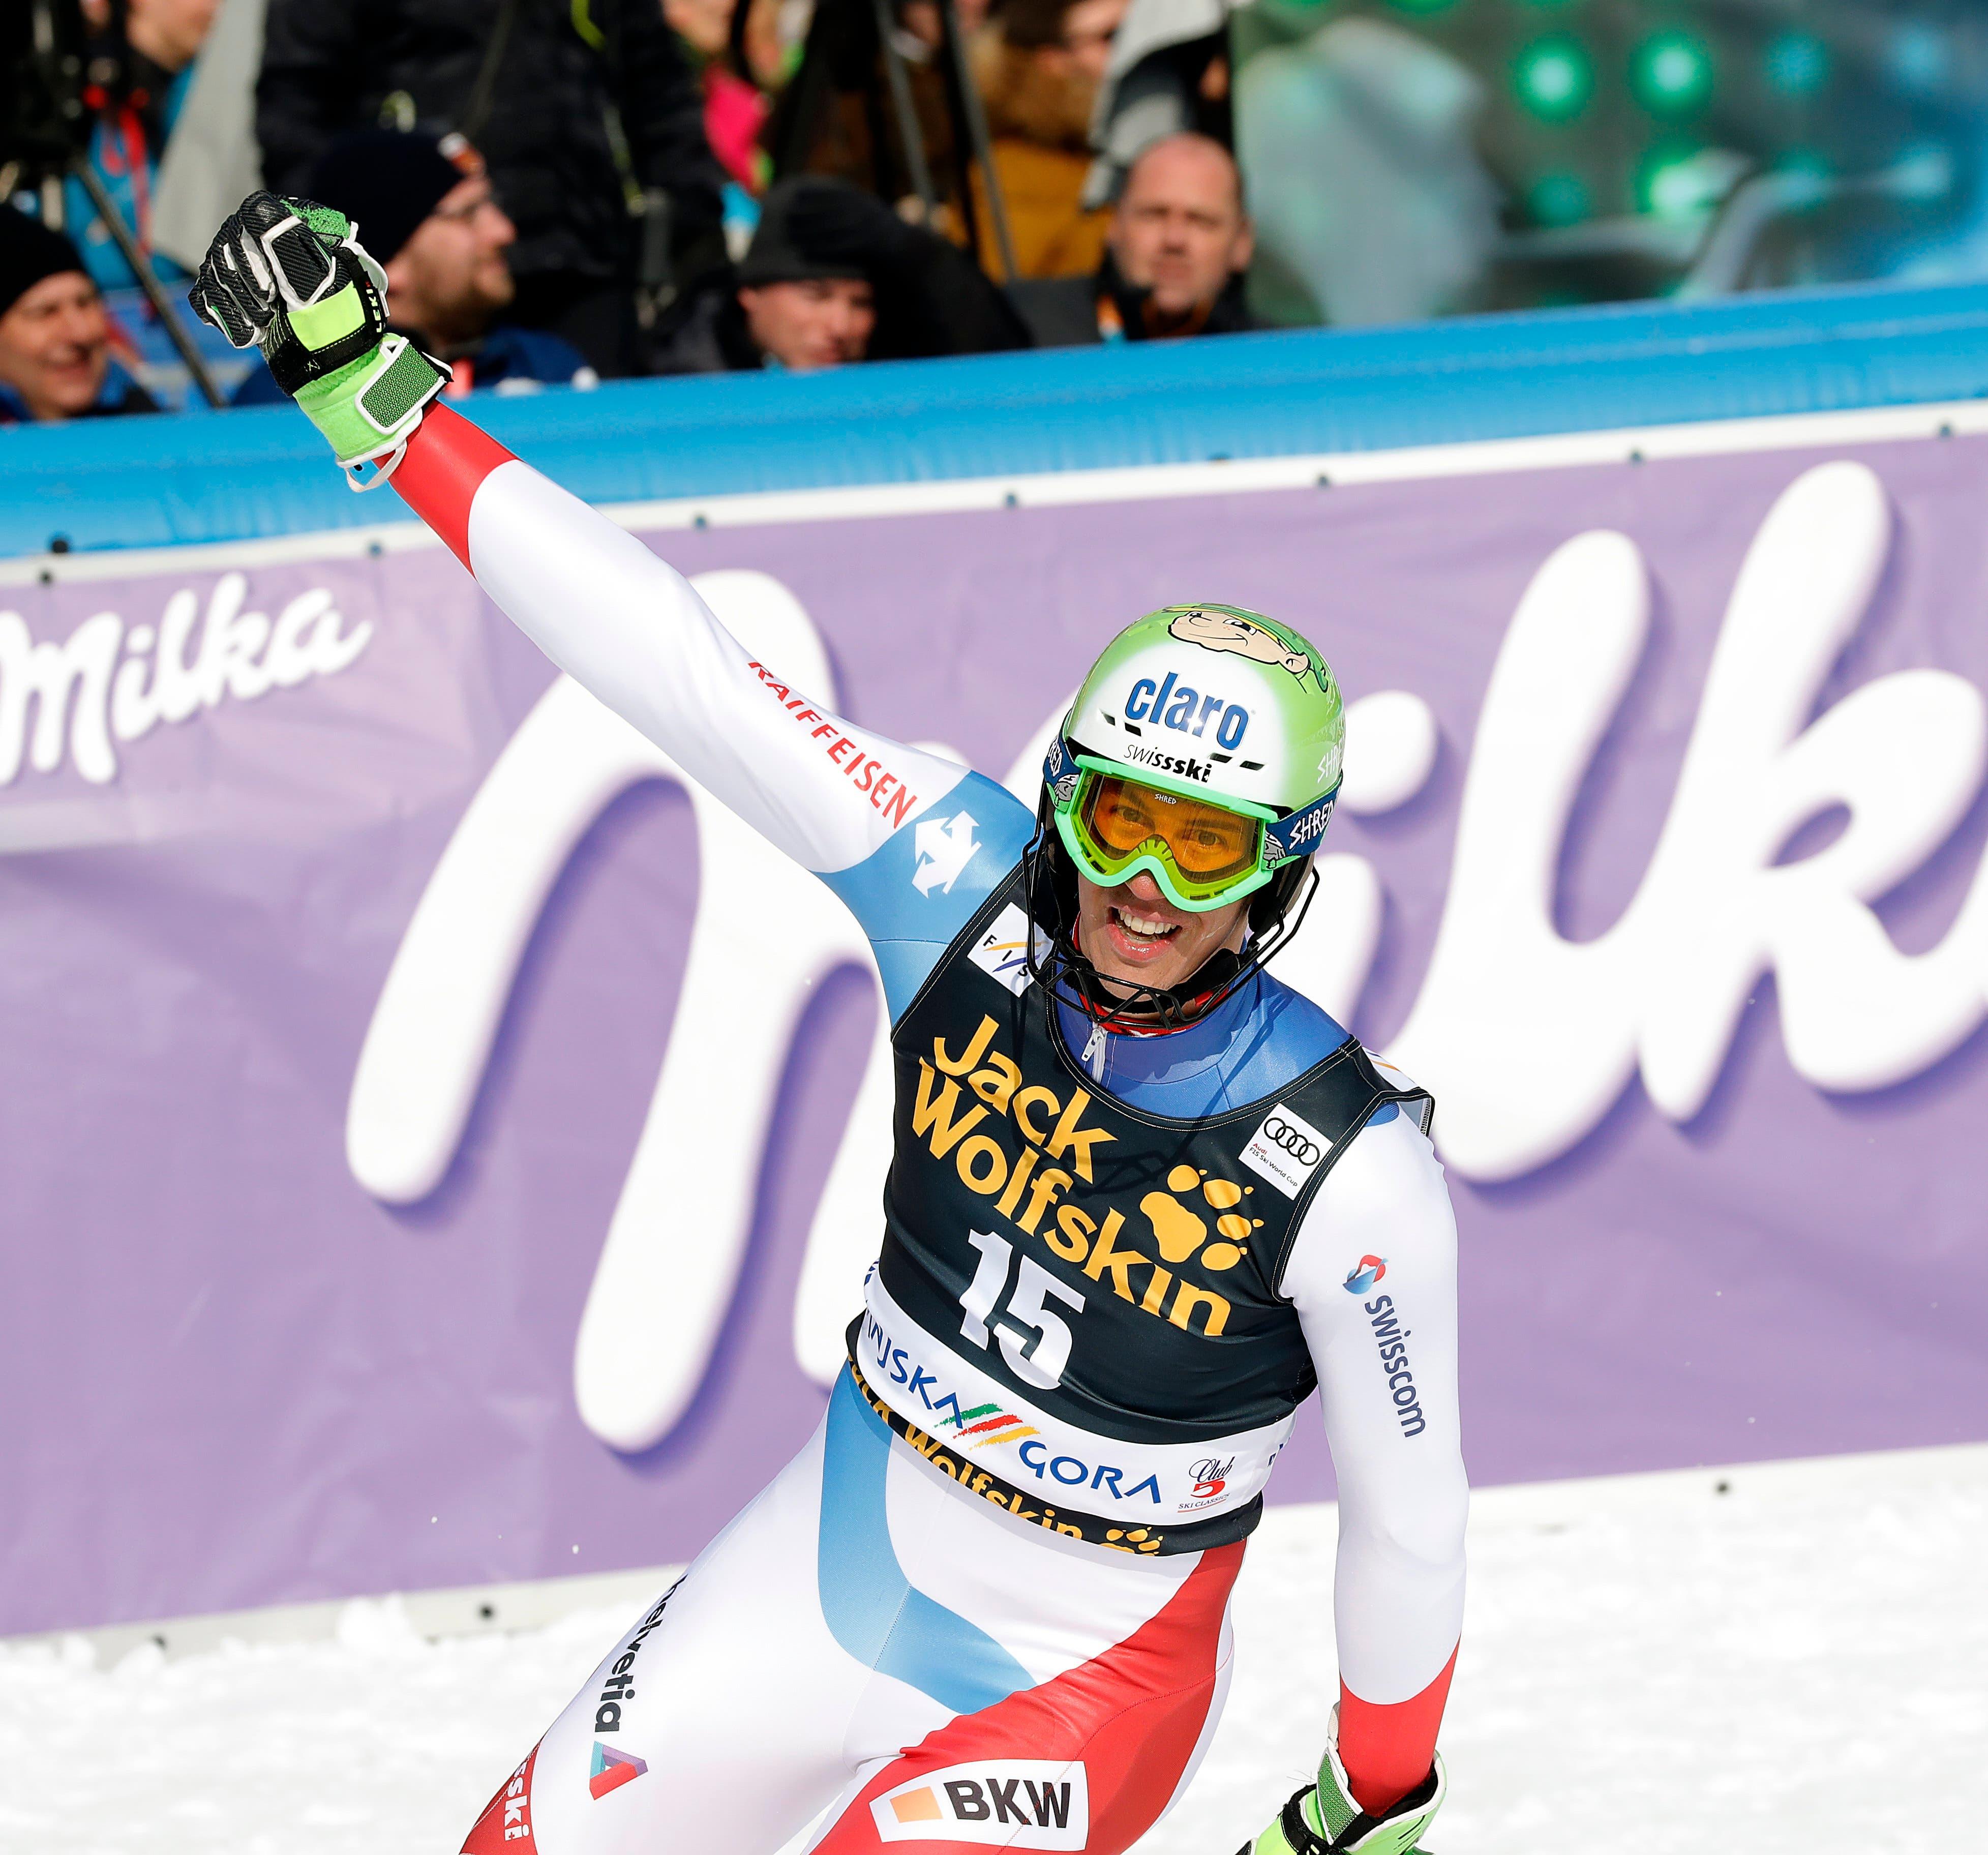 10. März 2019: Im Slalom von Kranjska Gora schafft Ramon Zenhäusern zum ersten Mal den Sprung nach ganz oben in dieser Disziplin, und das auf eine eindrücklich Art und Weise: Mit über einer Sekunde Vorsprung verwies er Henrik Kristoffersen und Marcel Hirscher auf die Plätze zwei und drei.